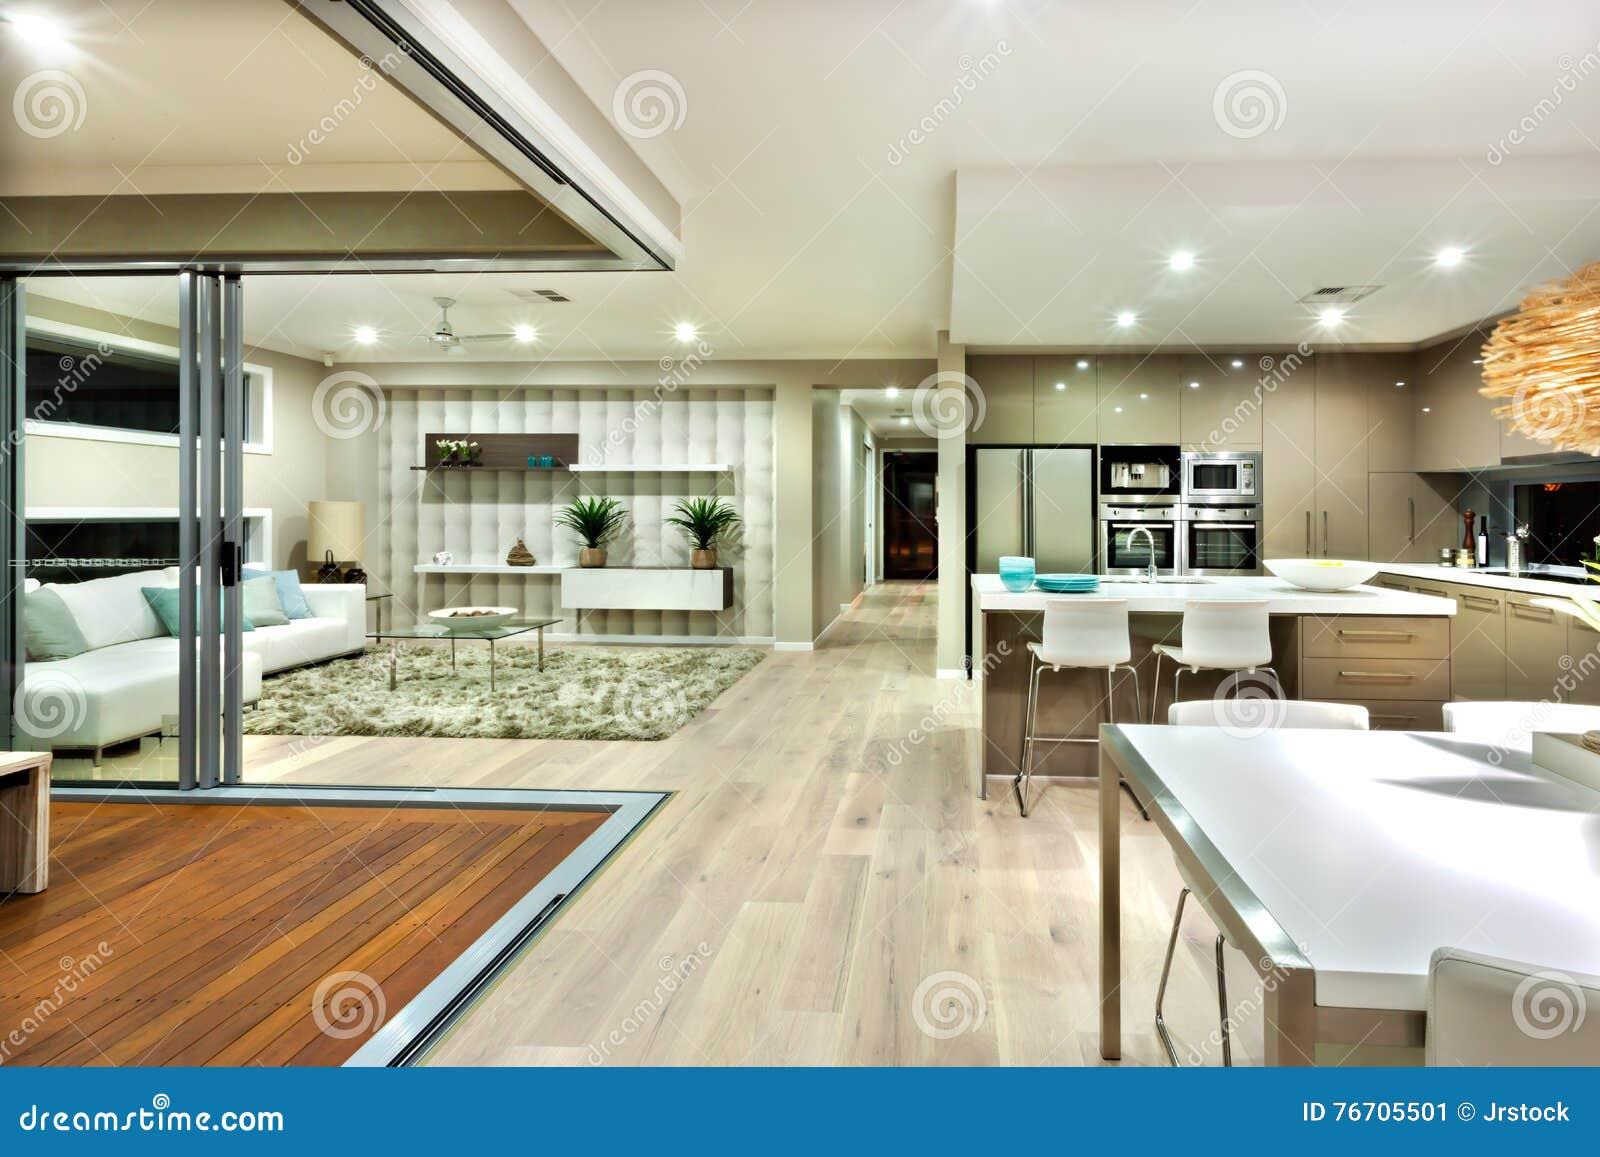 Interieur cuisine moderne interieur maison moderne with for Interieur maisons modernes